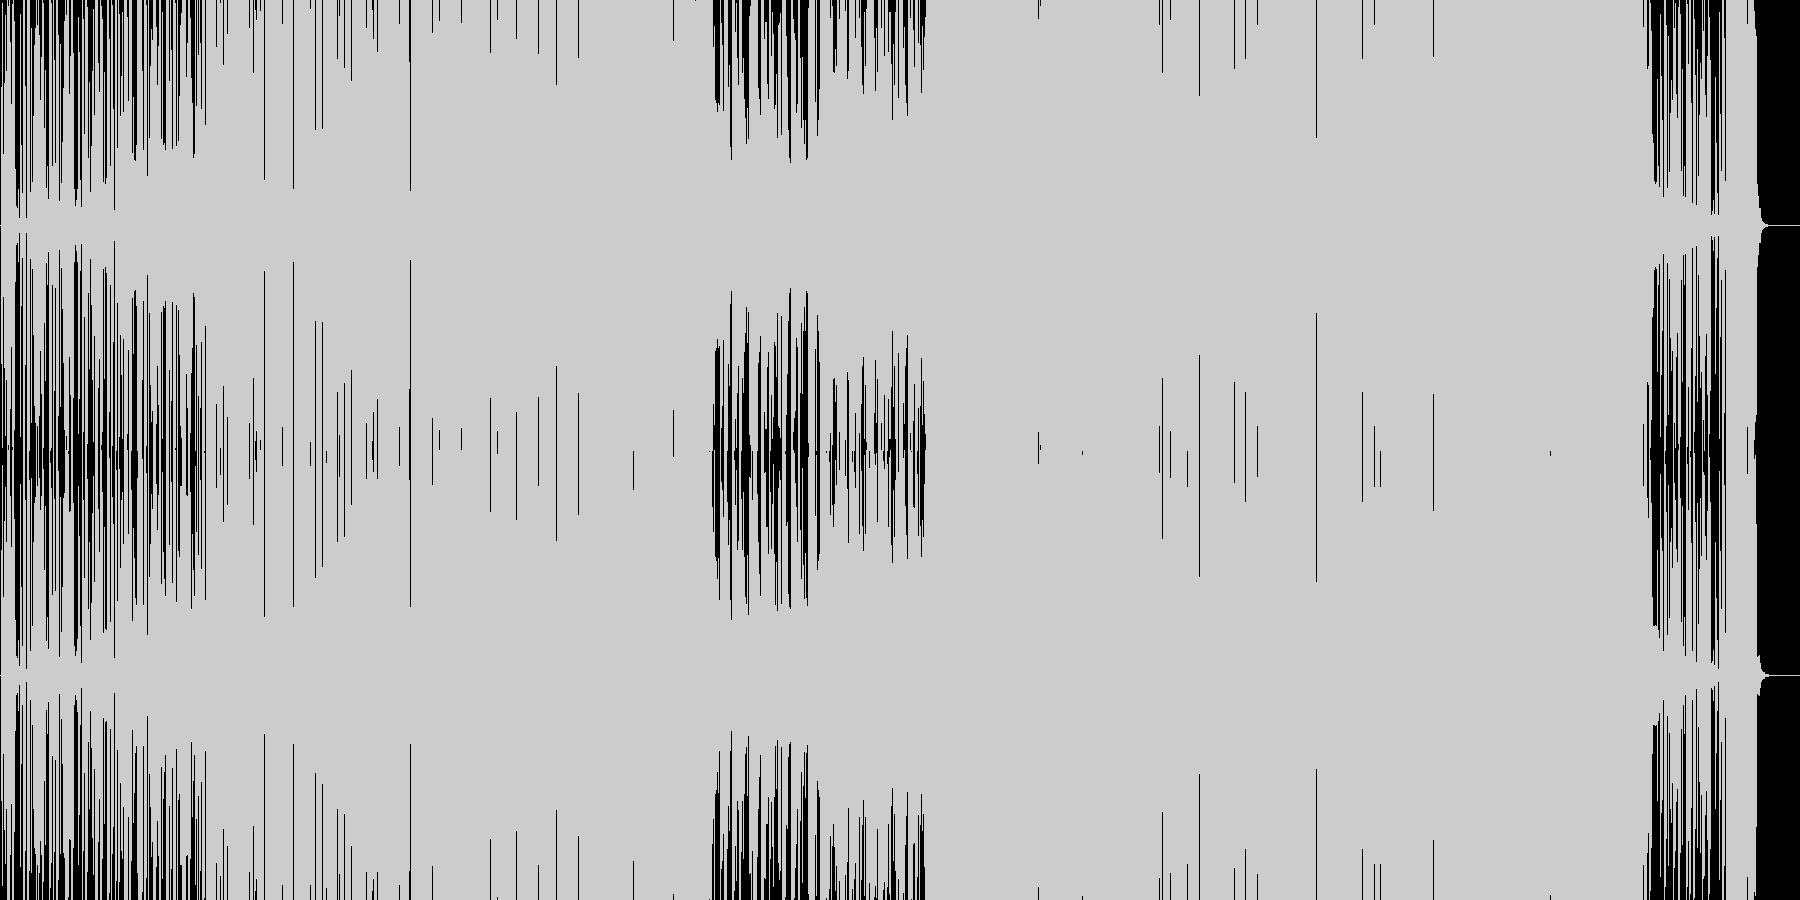 ノリの良い踊れるEDM(シンセボイス入)の未再生の波形